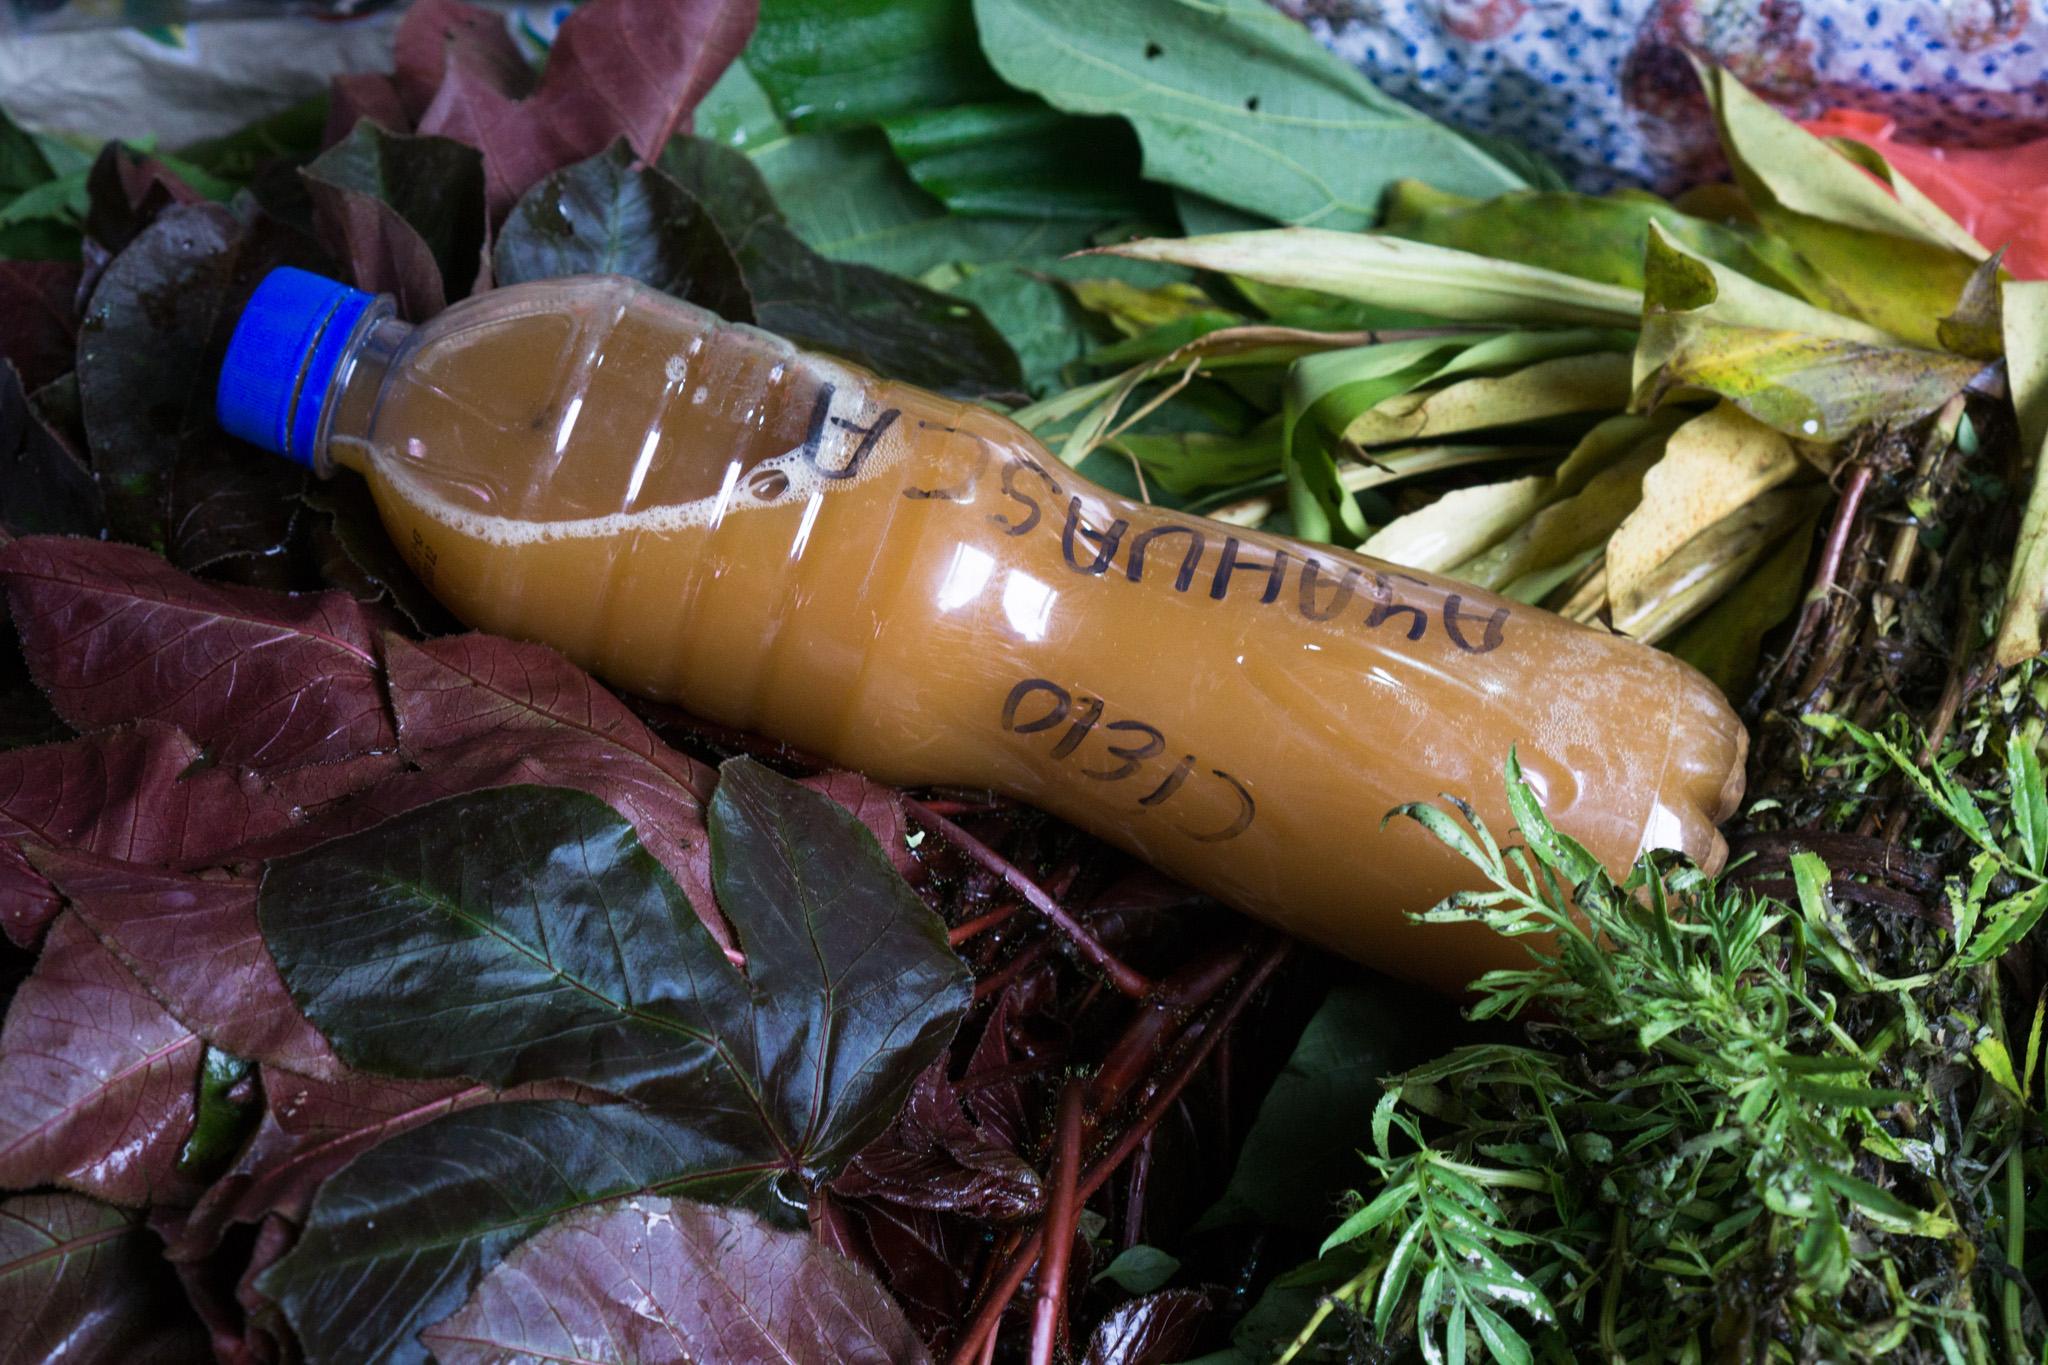 Peruus võib ayahuasca't leida ka Iquitose turult letialuse kaubana. Foto: Terje Toomistu